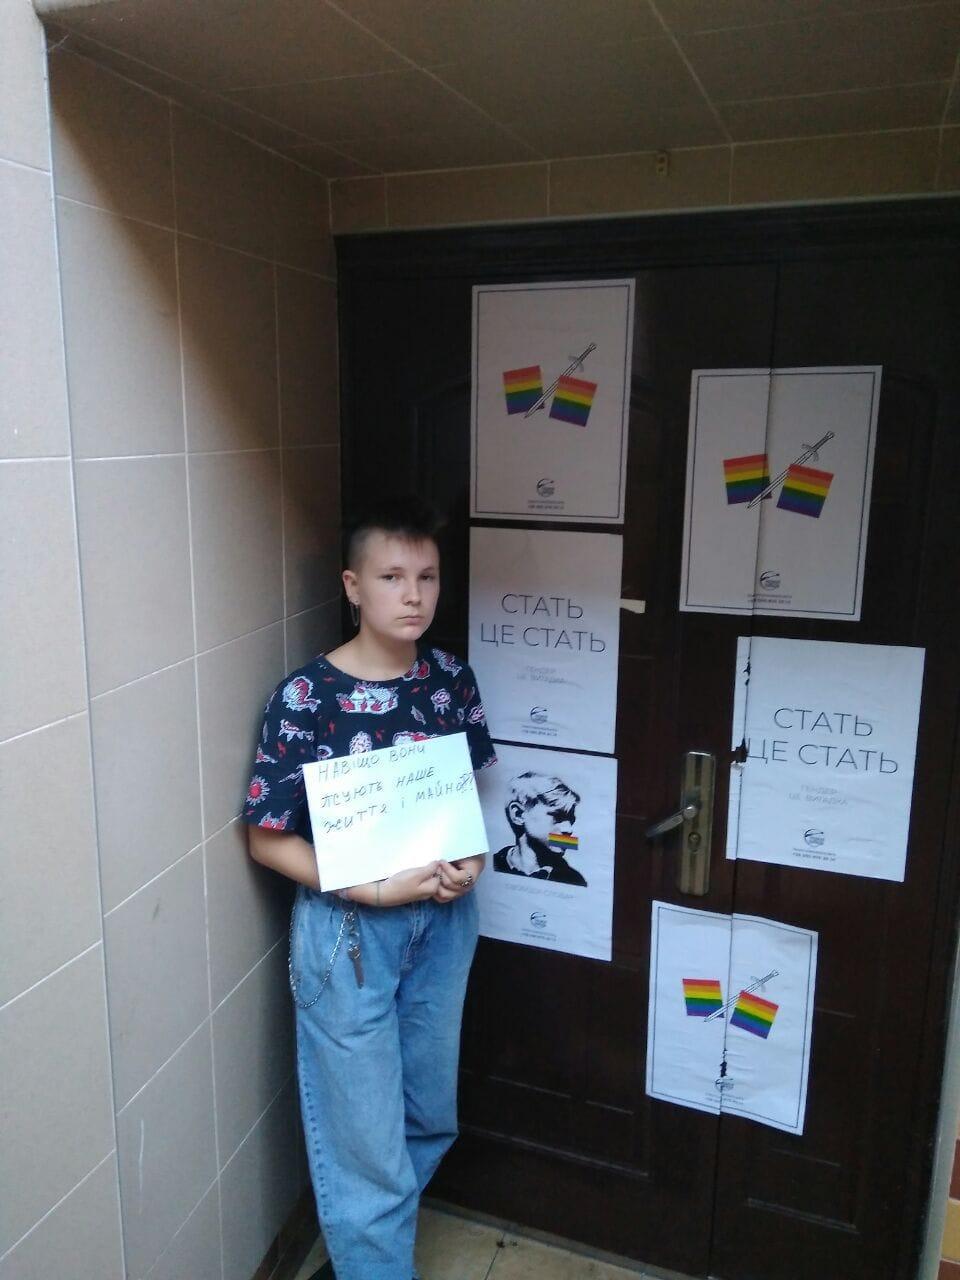 В організації повідомили, що за фактом інциденту звернулися до поліції / фото Queer Home Odesa/Facebook